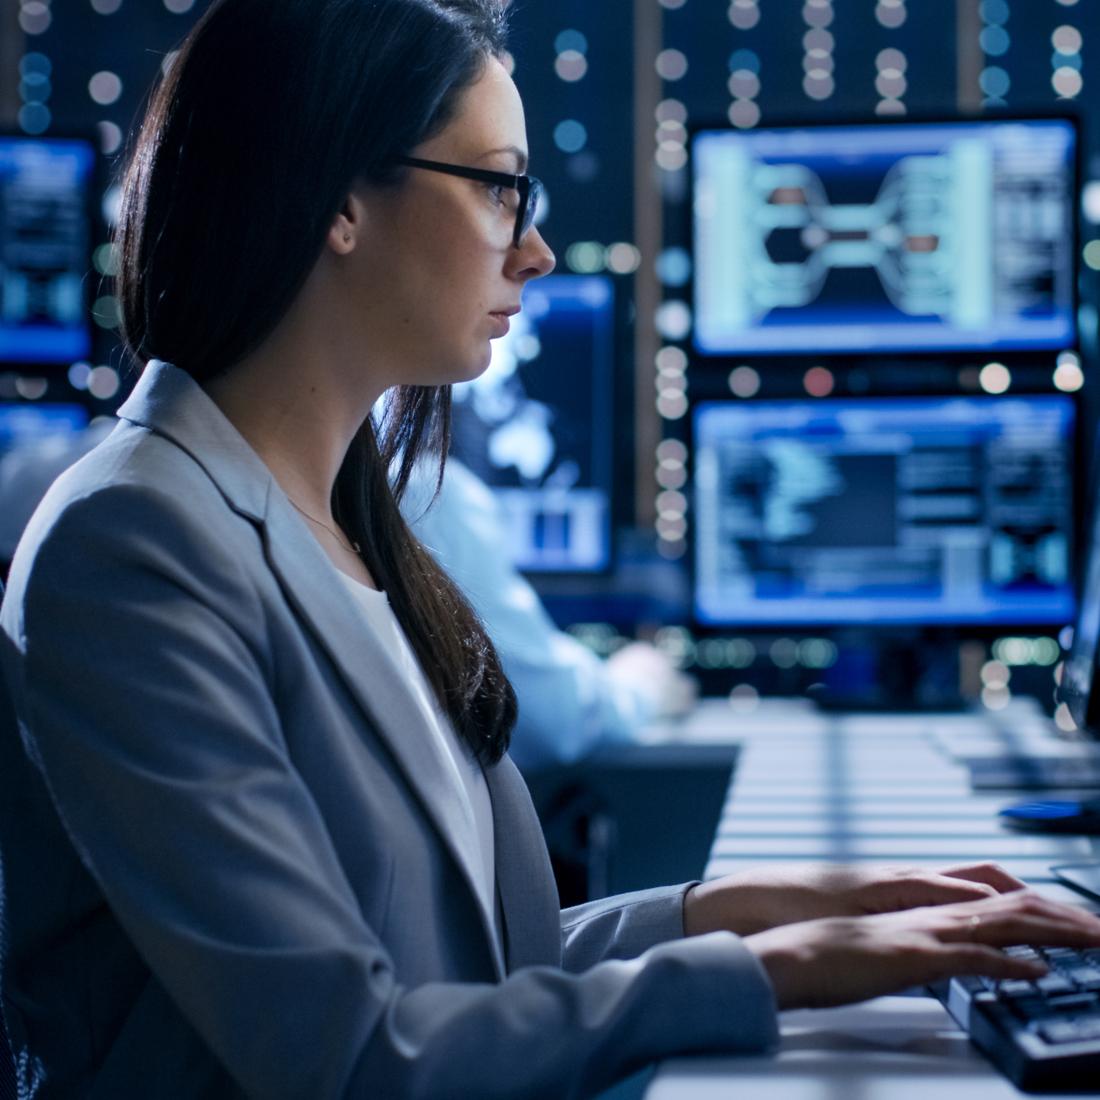 Junge Frau sitzt vor einem Desktop und wertet Daten aus.